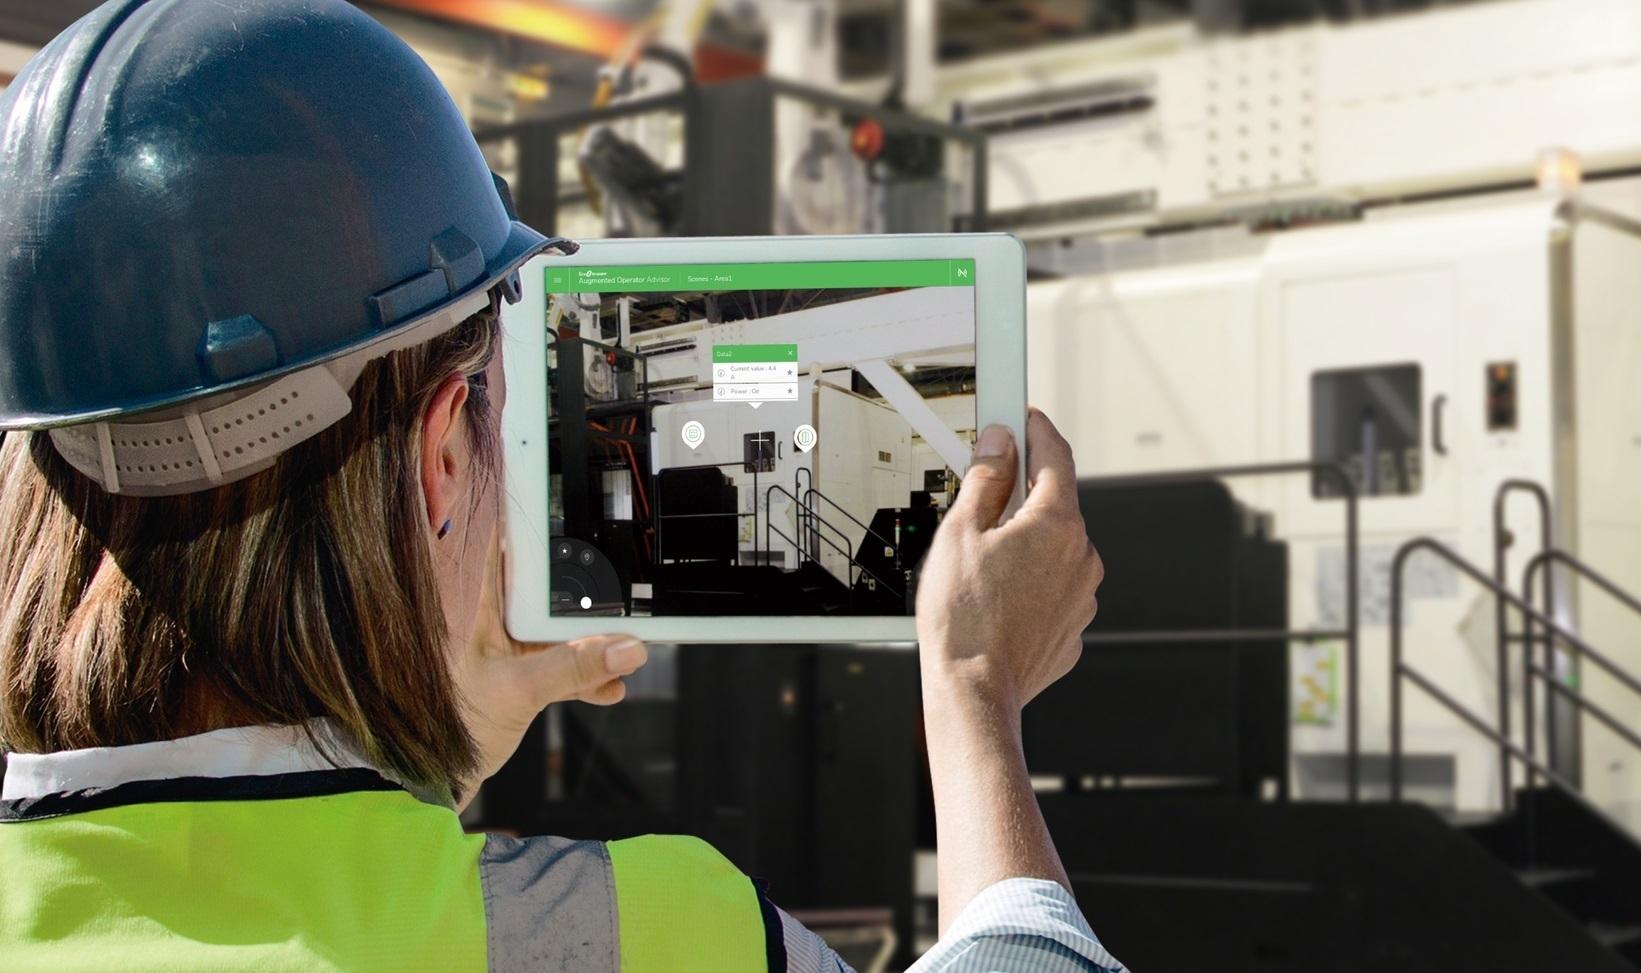 コネクシオ、ARとloTを活用した設備保全ソリューションをリリース